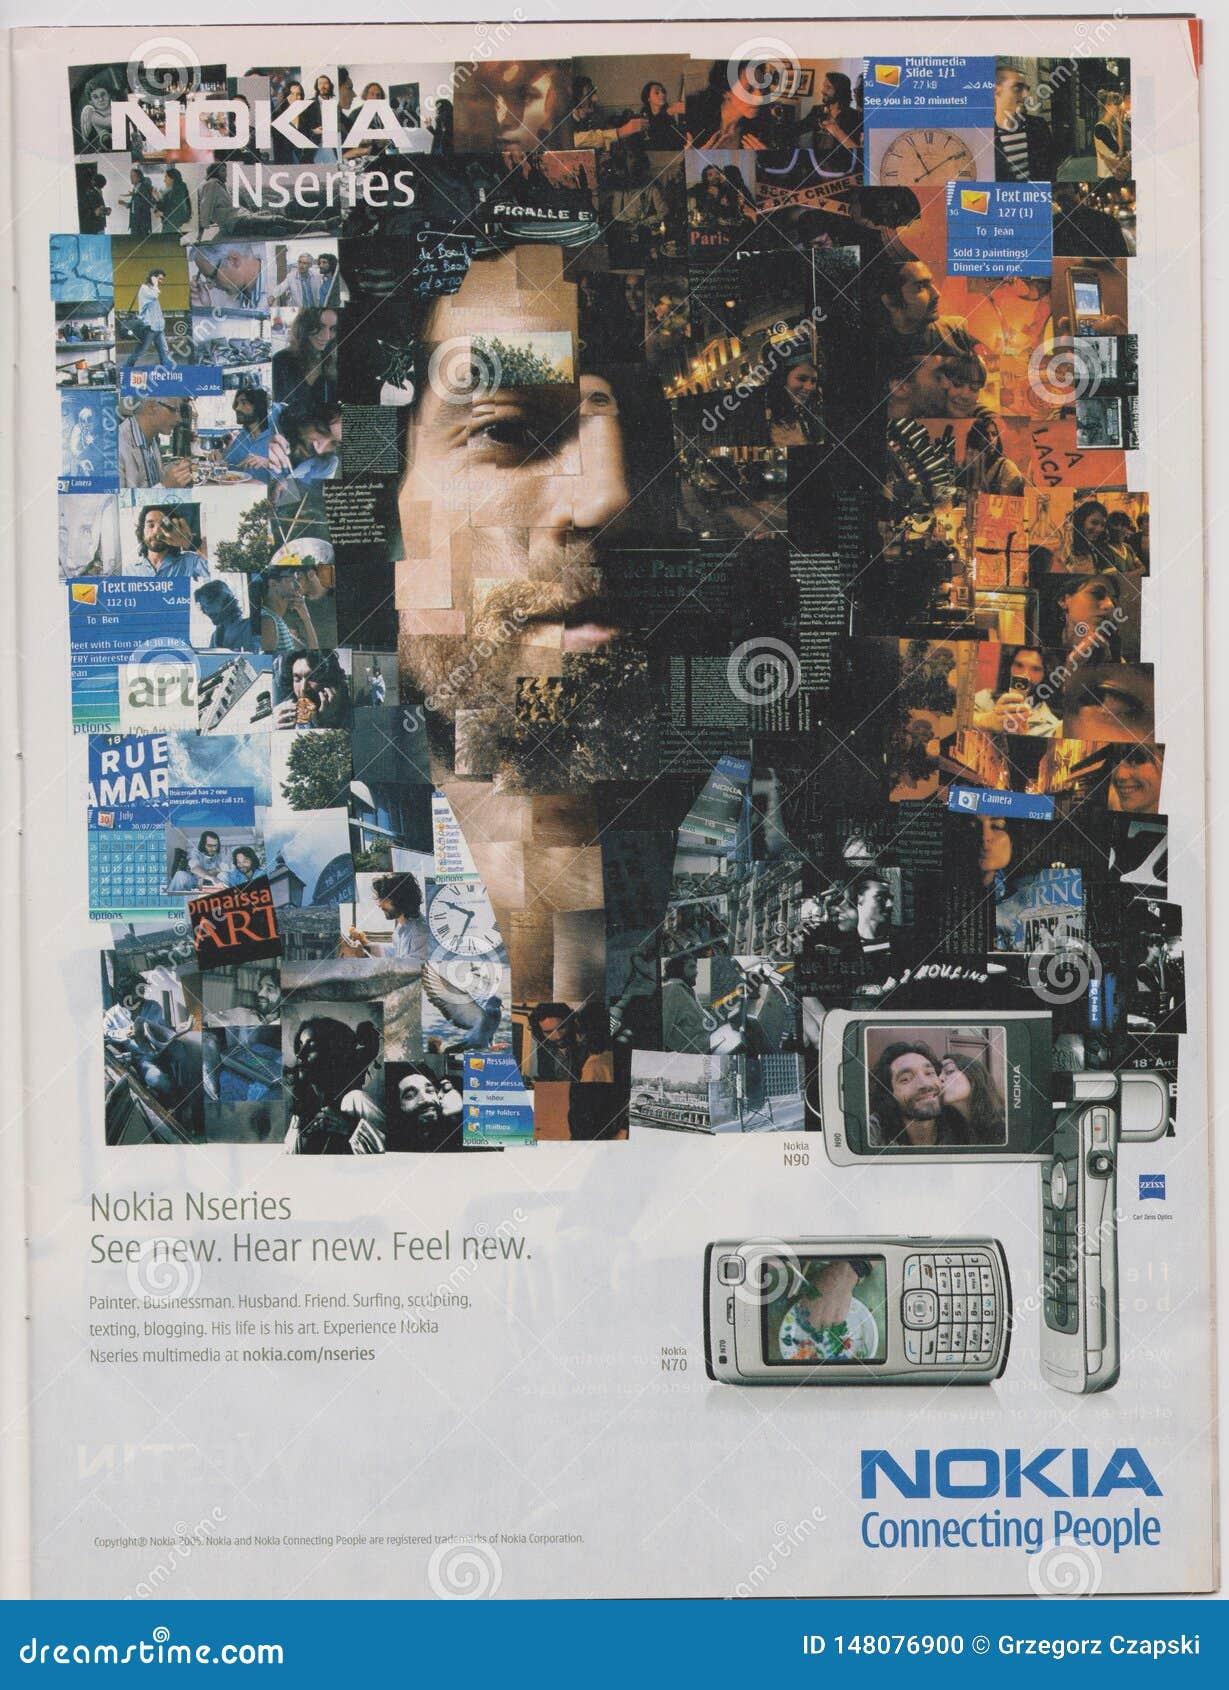 Telefon Plakatwerbung Nokias Nseries N70 in der Zeitschrift ab 2005, Verbindungsleuteslogan NOKIAS, sehen, hören, fühlen sich, Sl